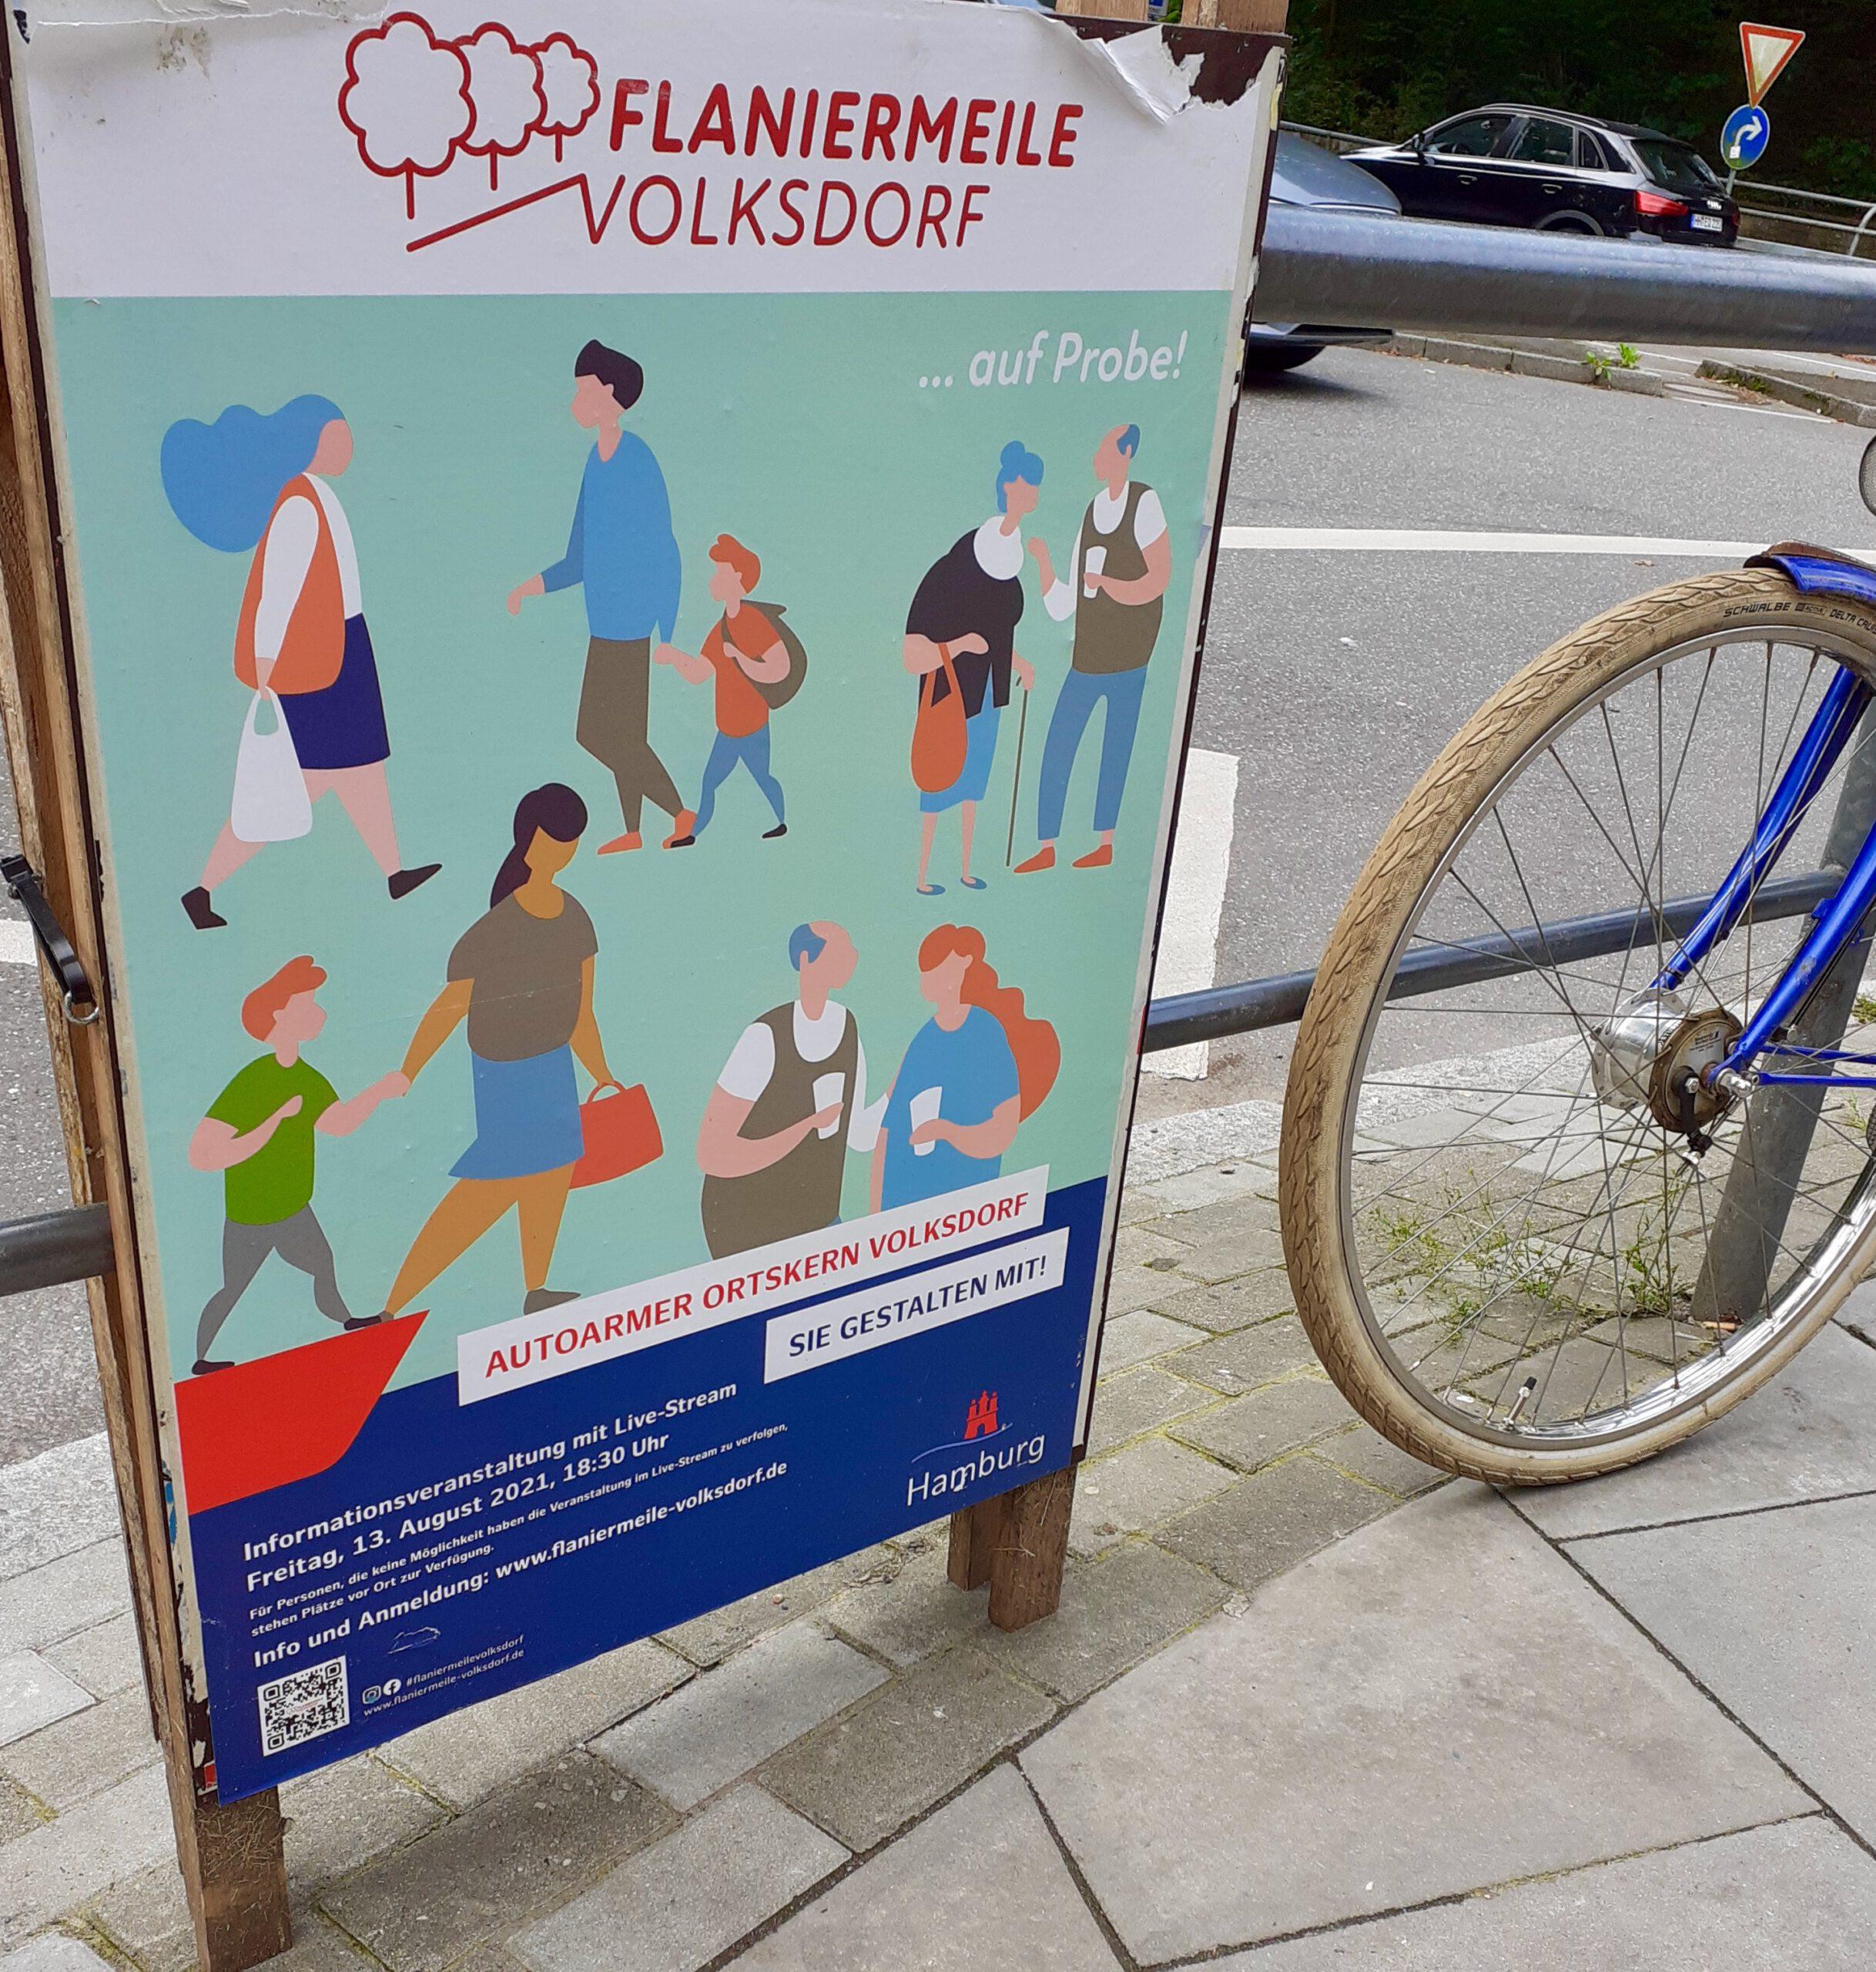 Flaniermeile Volksdorf Infoveranstaltung 13.8.